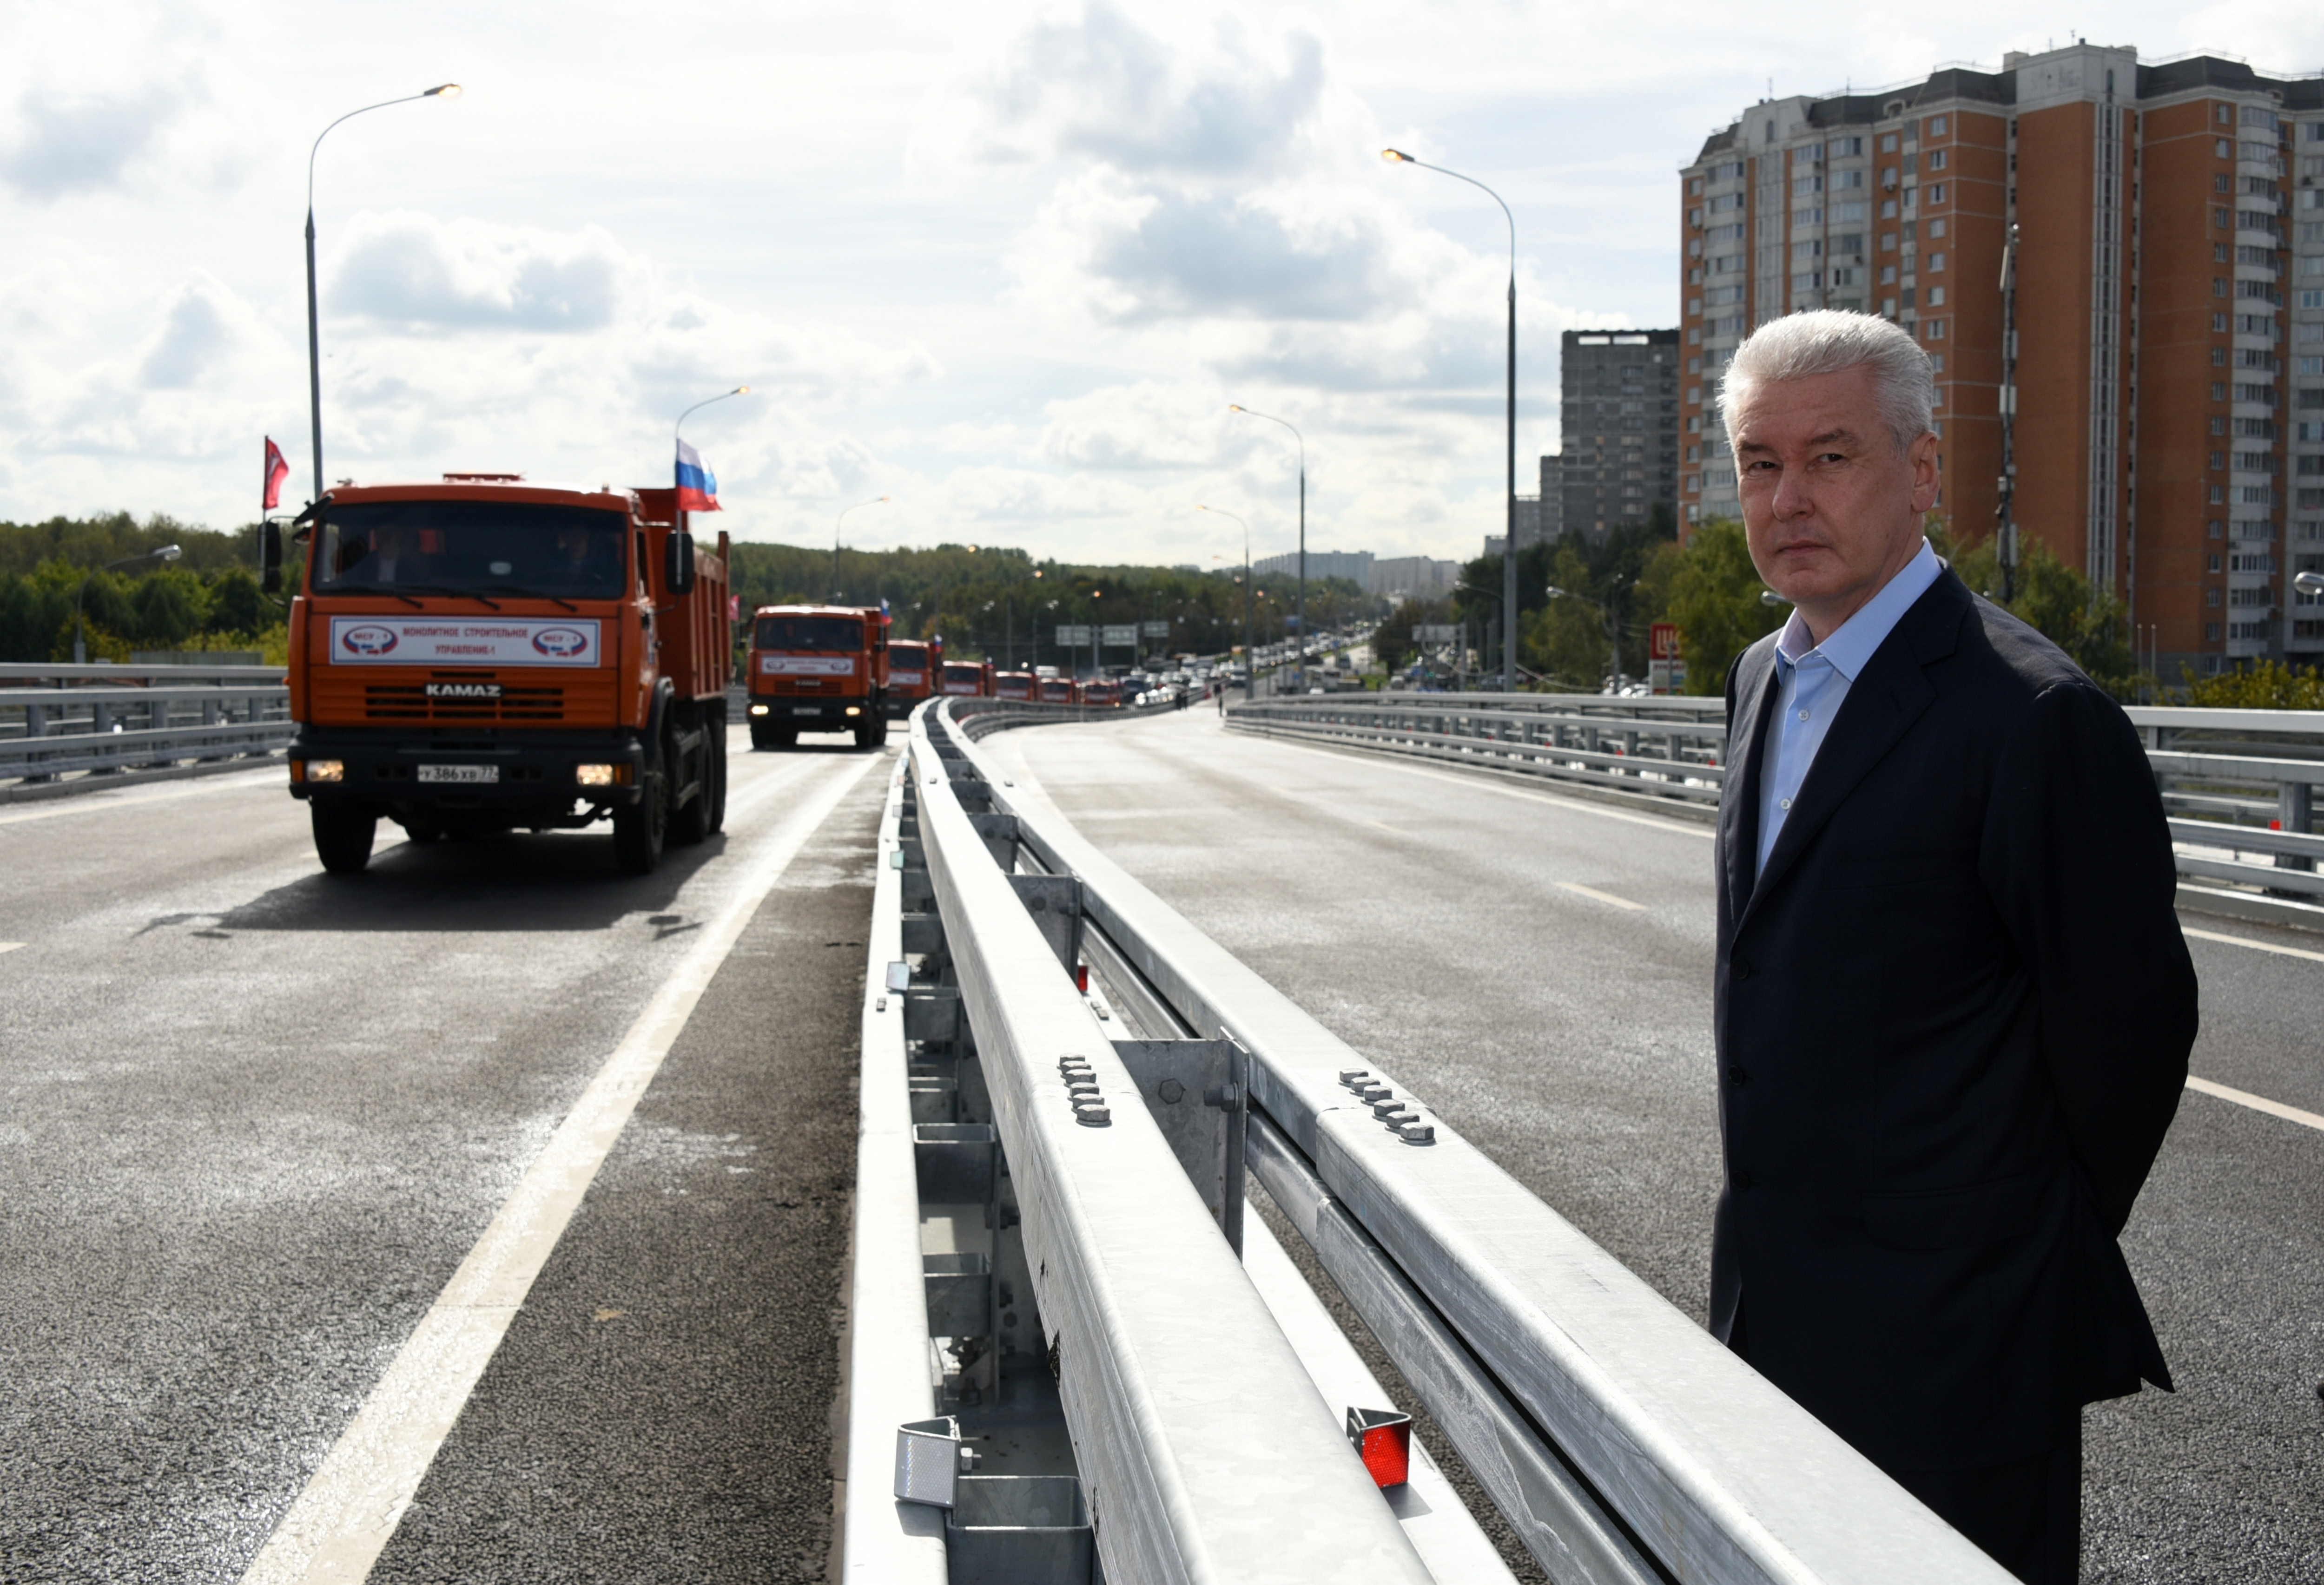 06 сентября 2016 Мэр Москвы Сергей Собянин открыл эстакаду на Липецкой улице